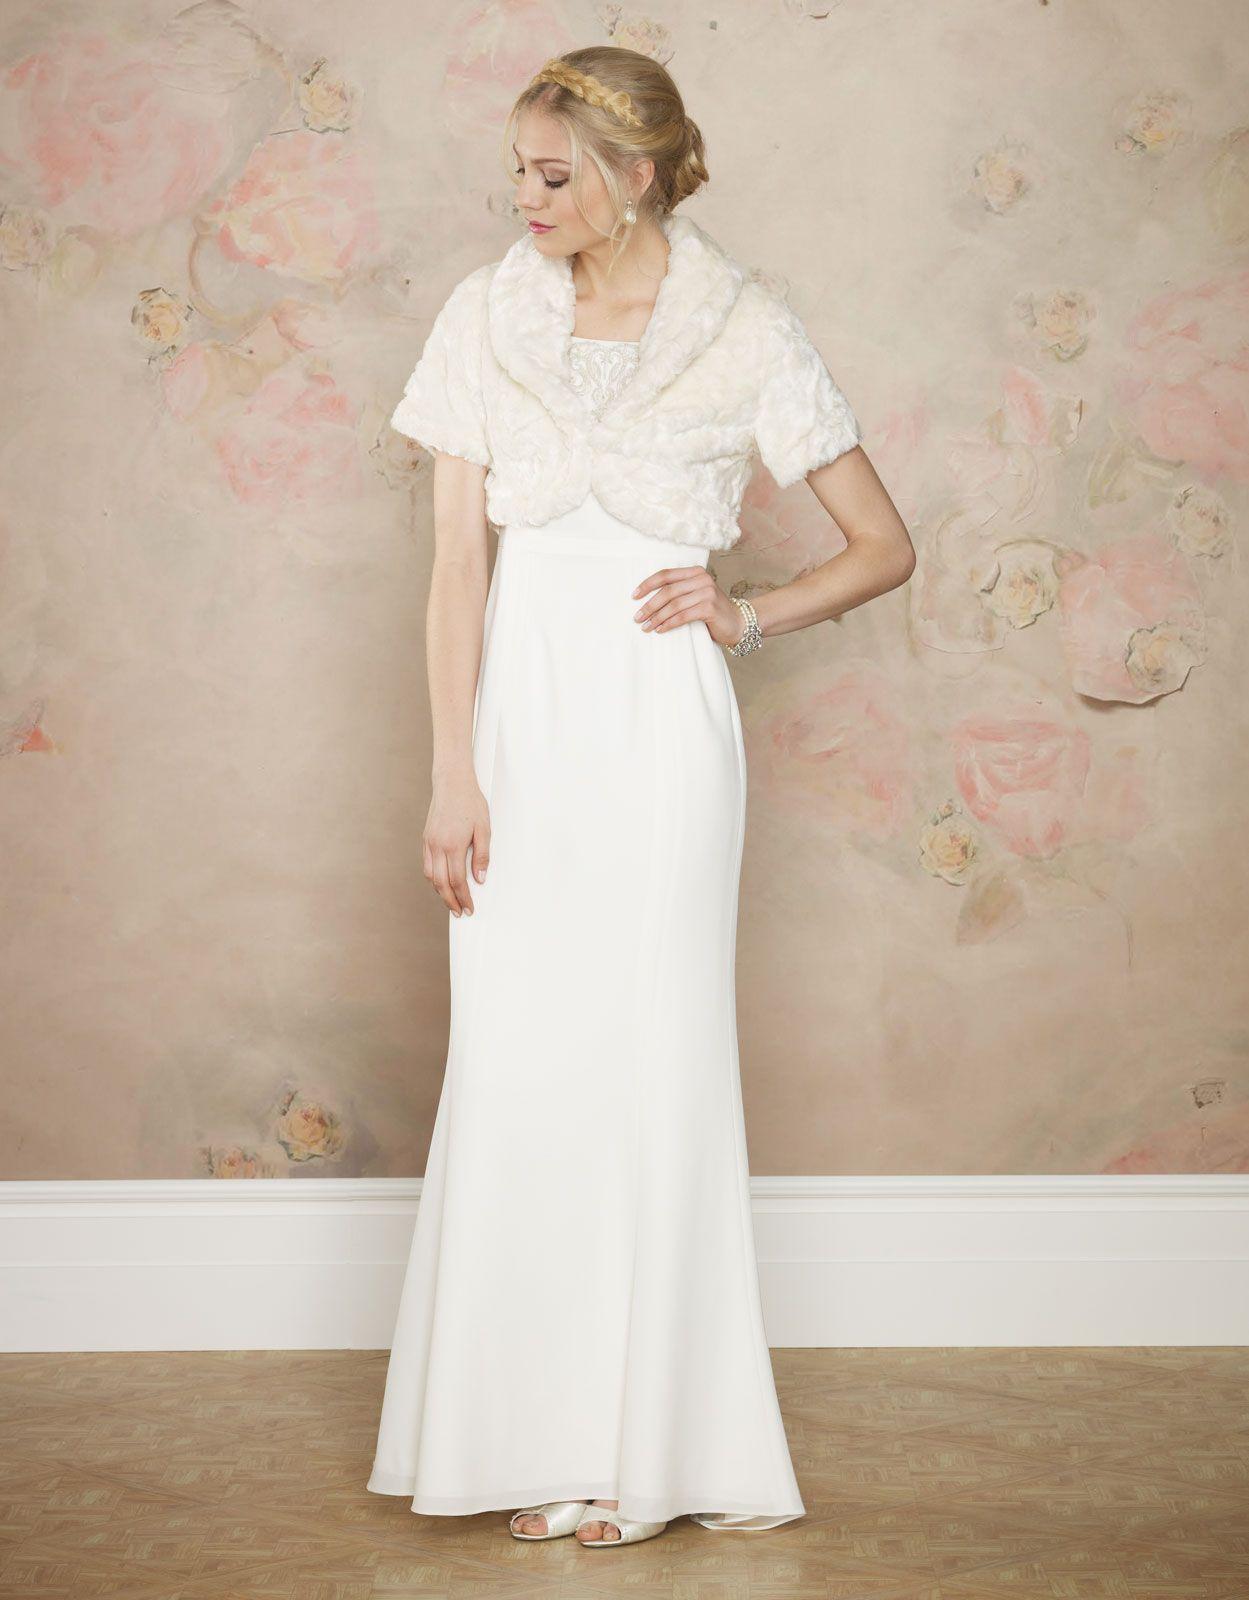 TXMI 4290E - Empire Period 17. 2000s Empire inspired wedding dress ...